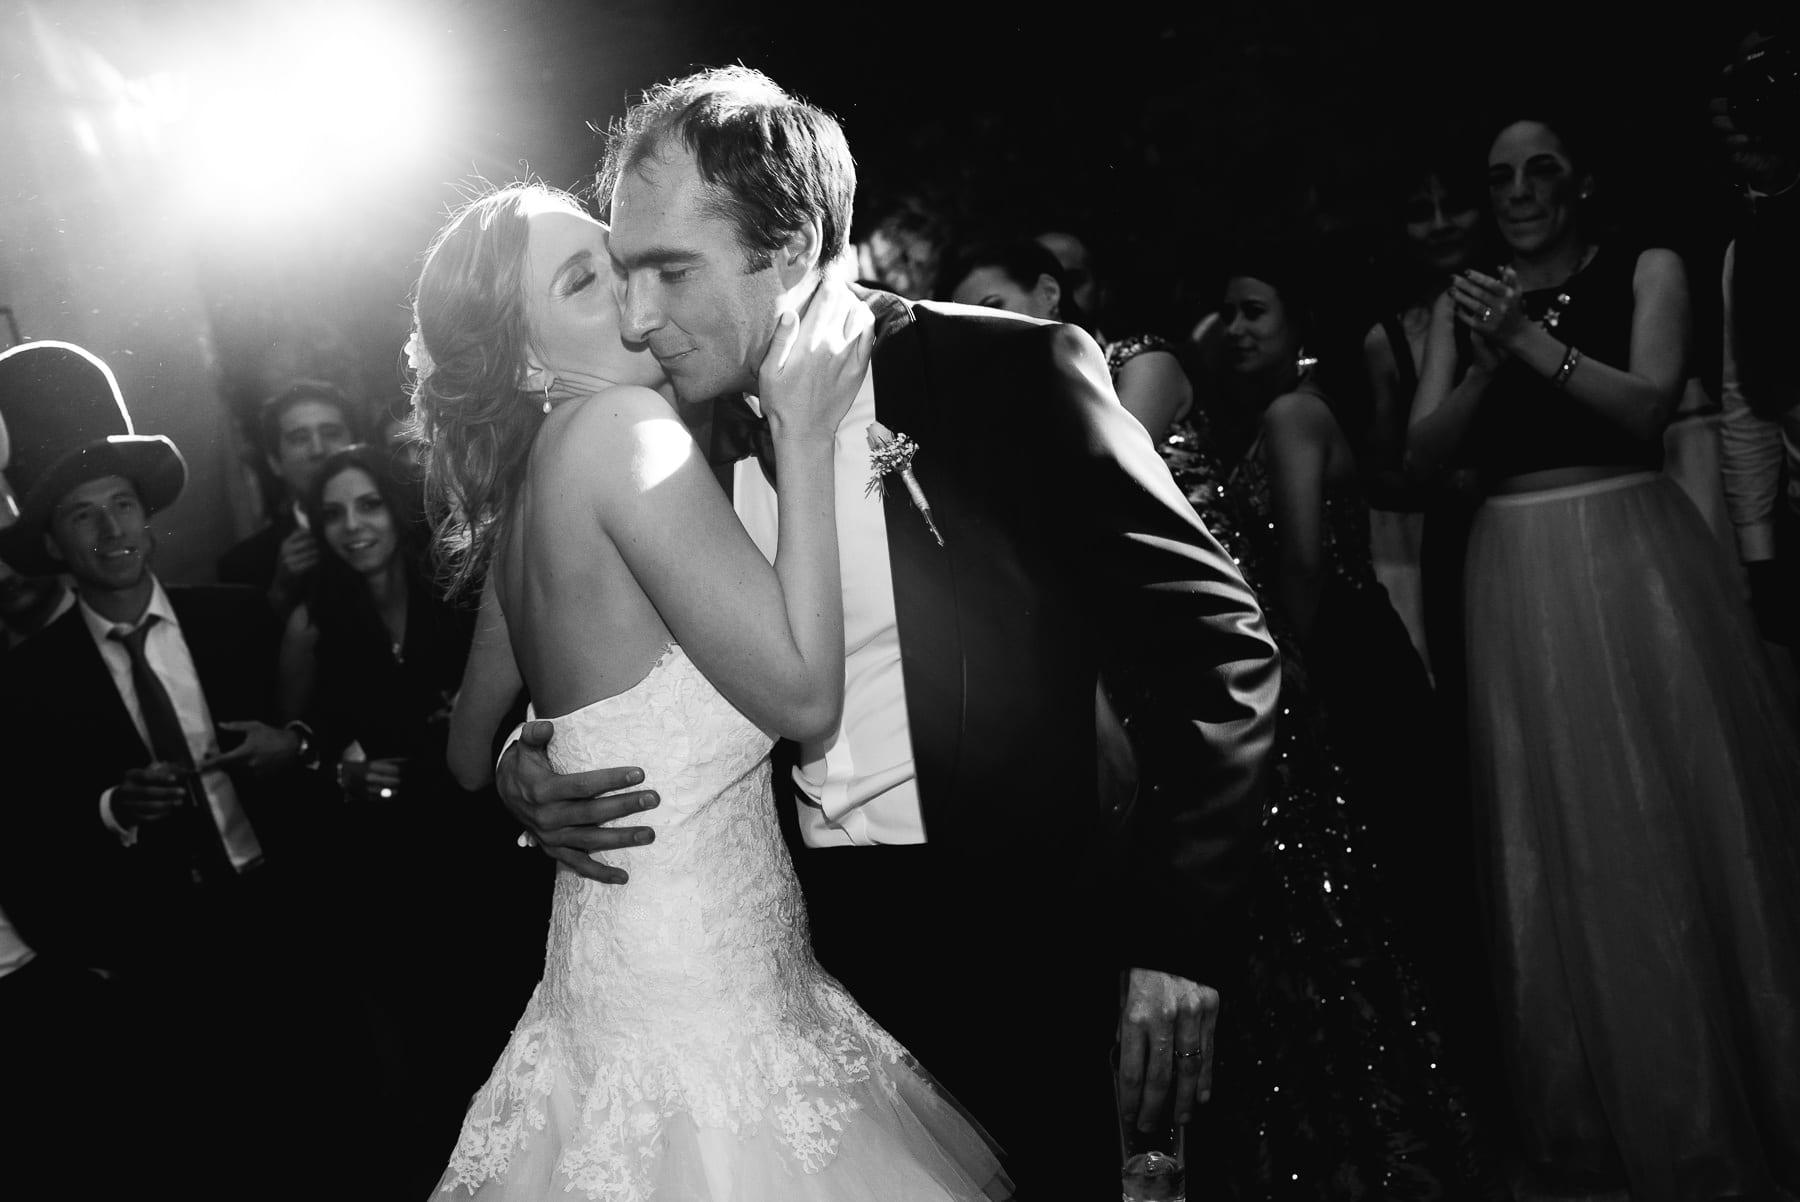 fotografo-de-bodas-en-queretaro-68